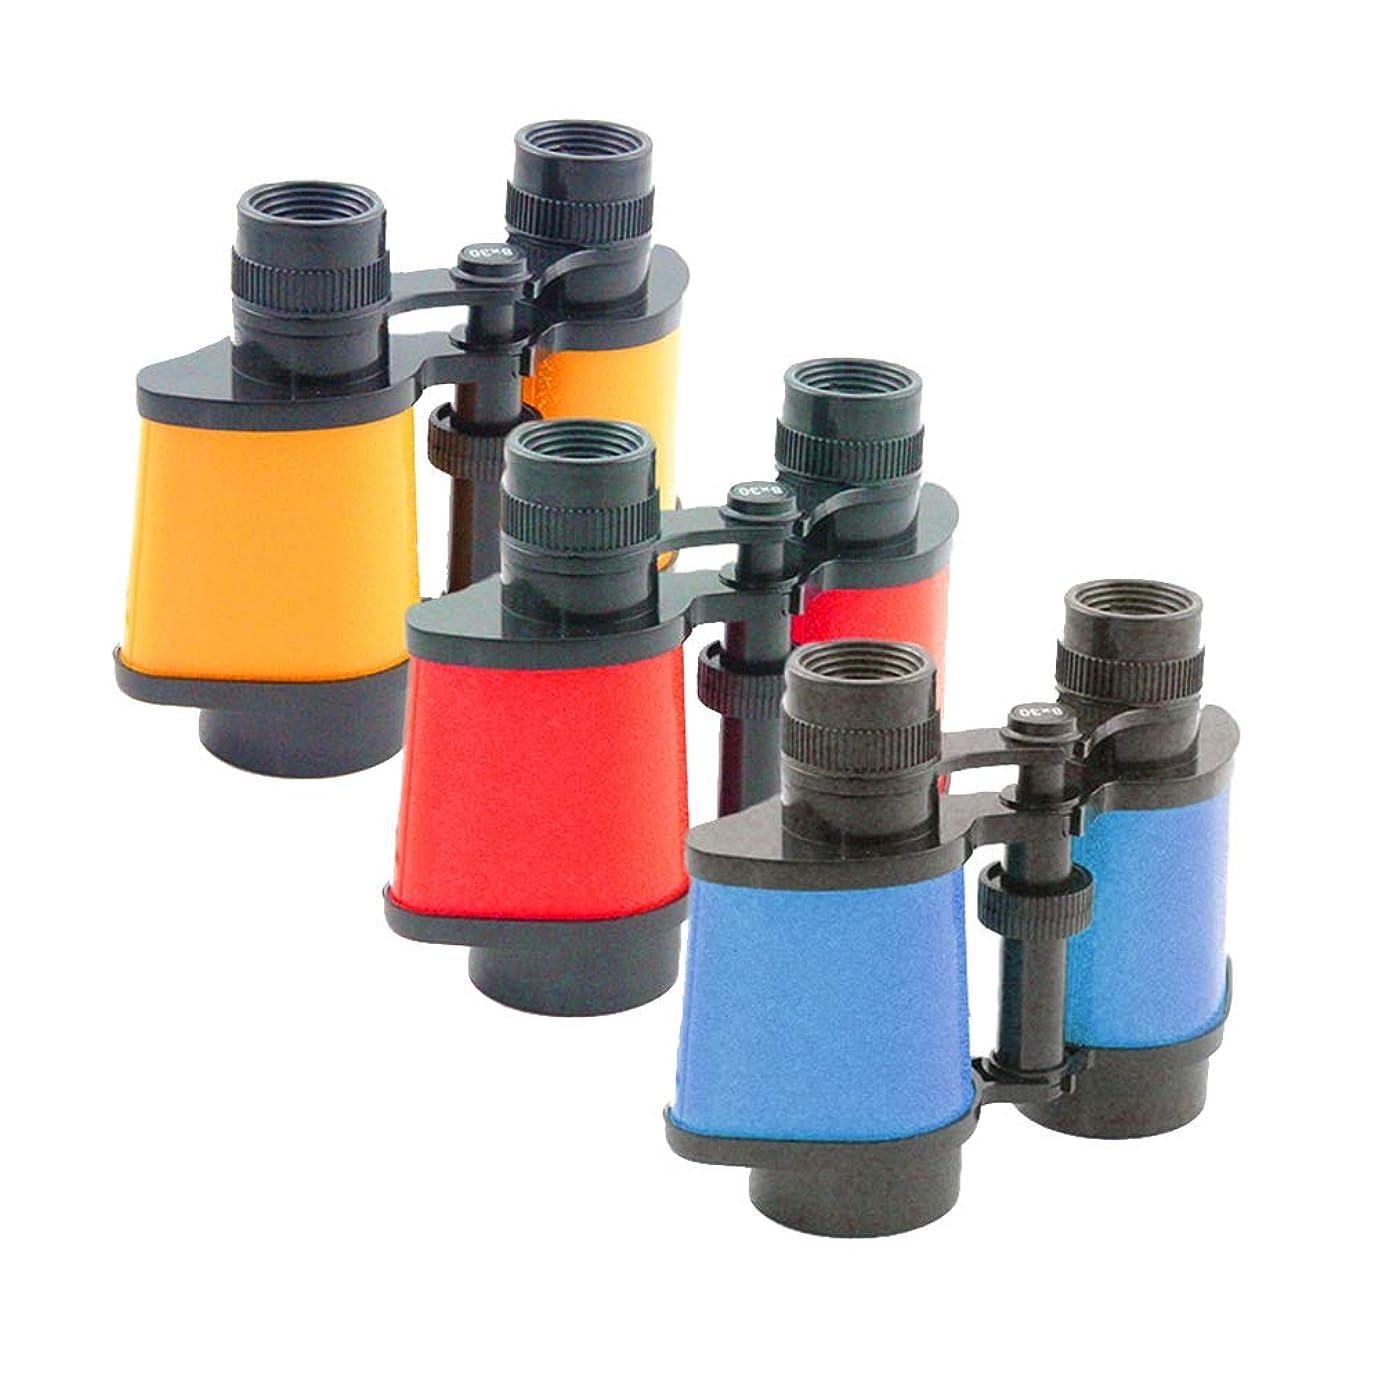 オーバーヘッドマダムお風呂を持っているToyvian 子供のためのカラフルな8倍の子供双眼鏡望遠鏡屋外ゲームのおもちゃ(12pcs色混合)